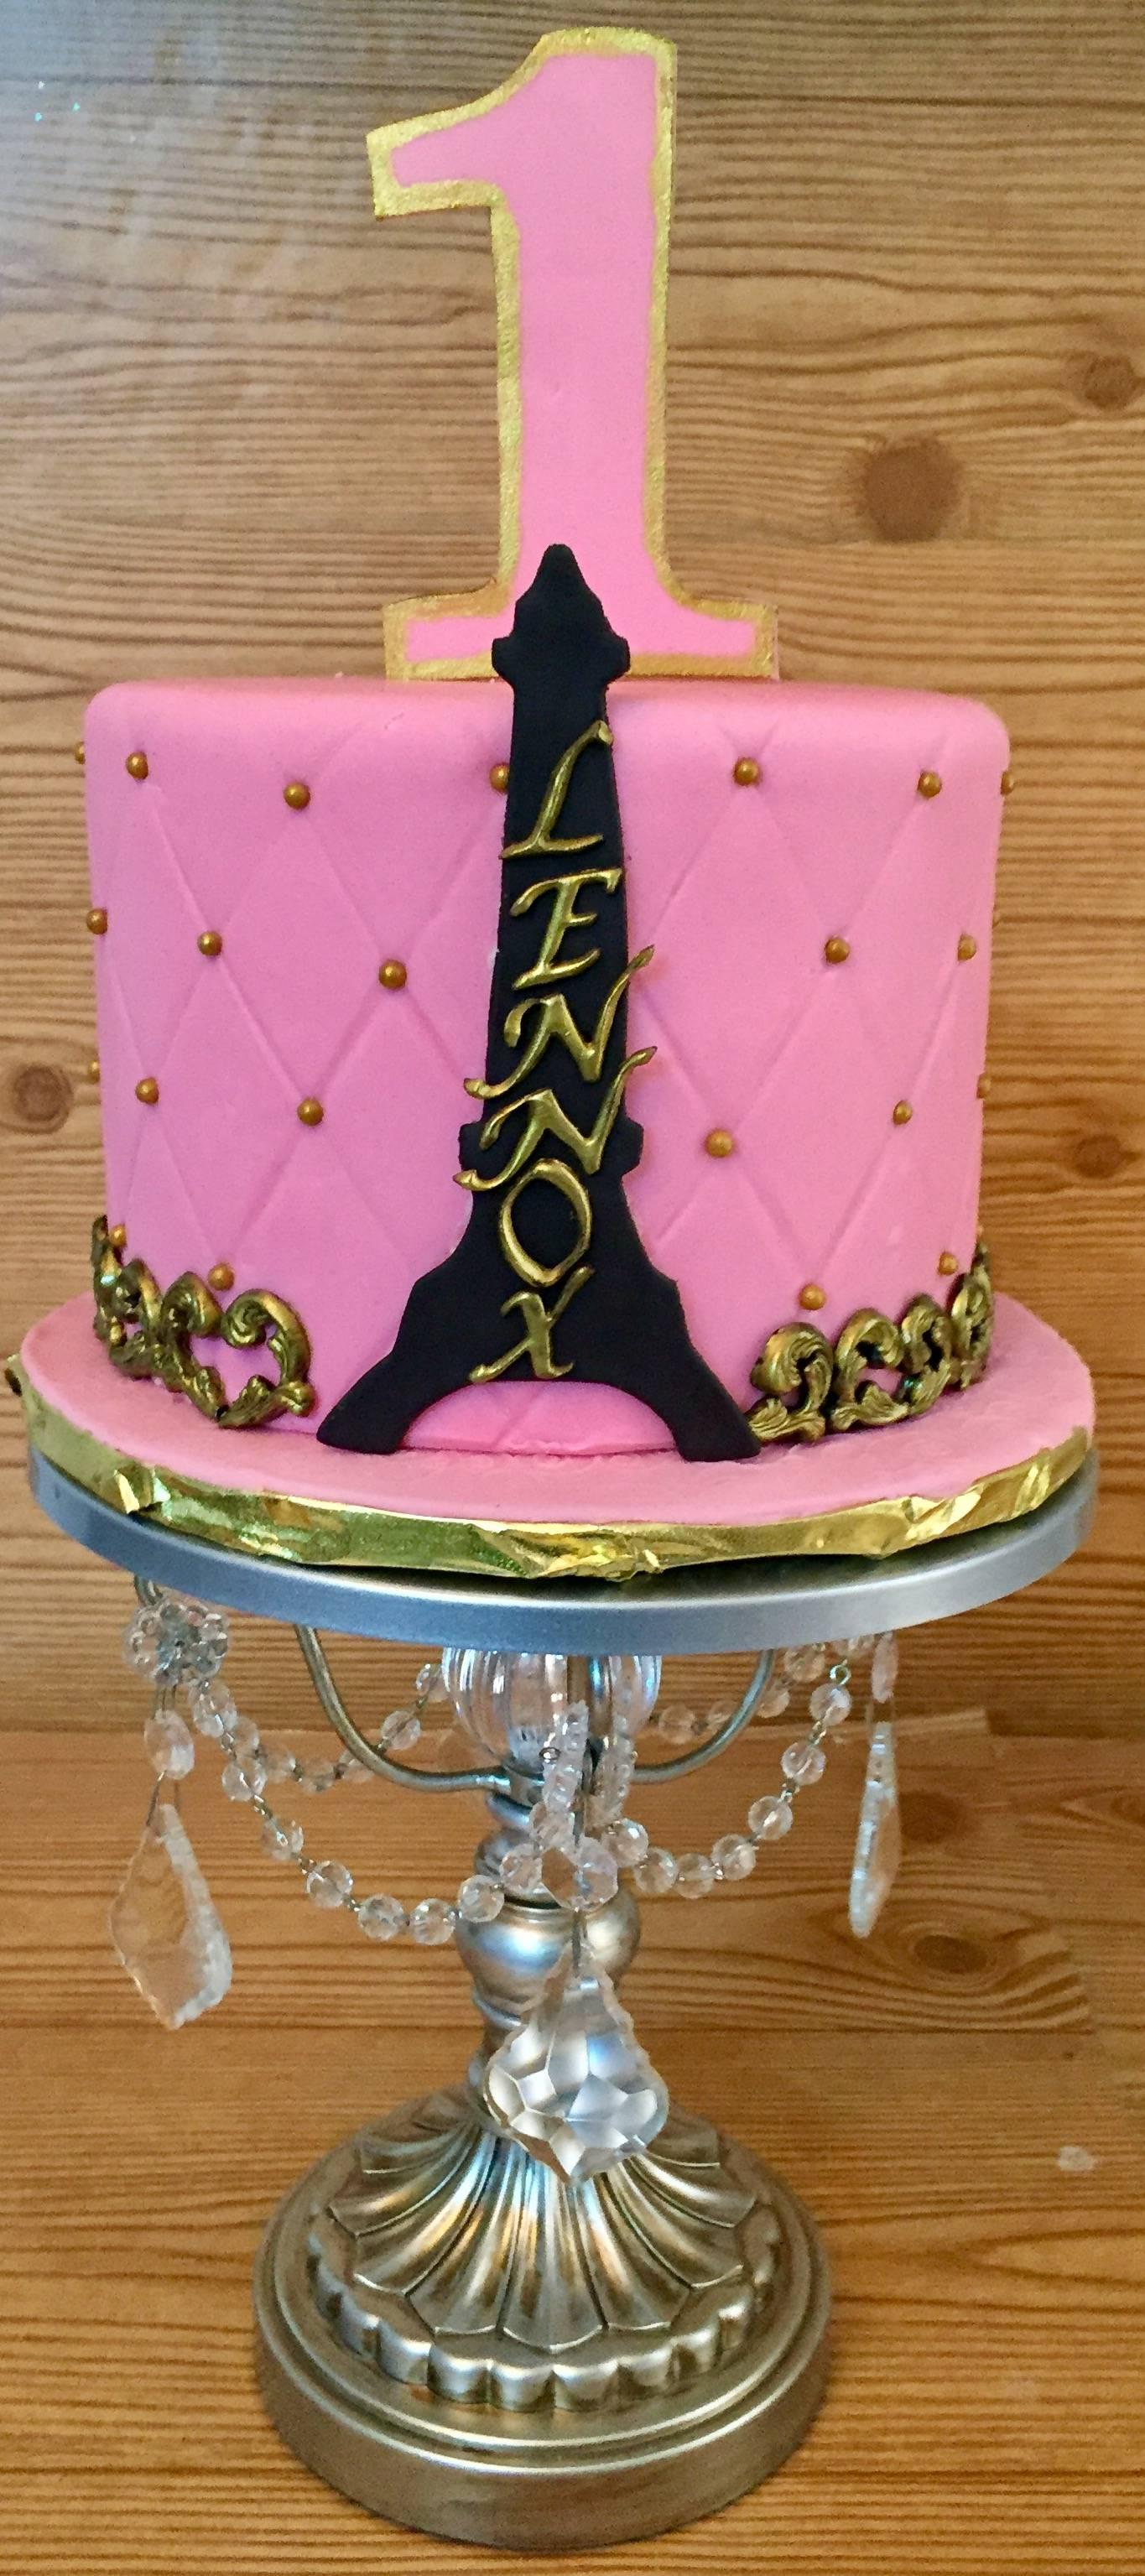 Paris themed birthday cake